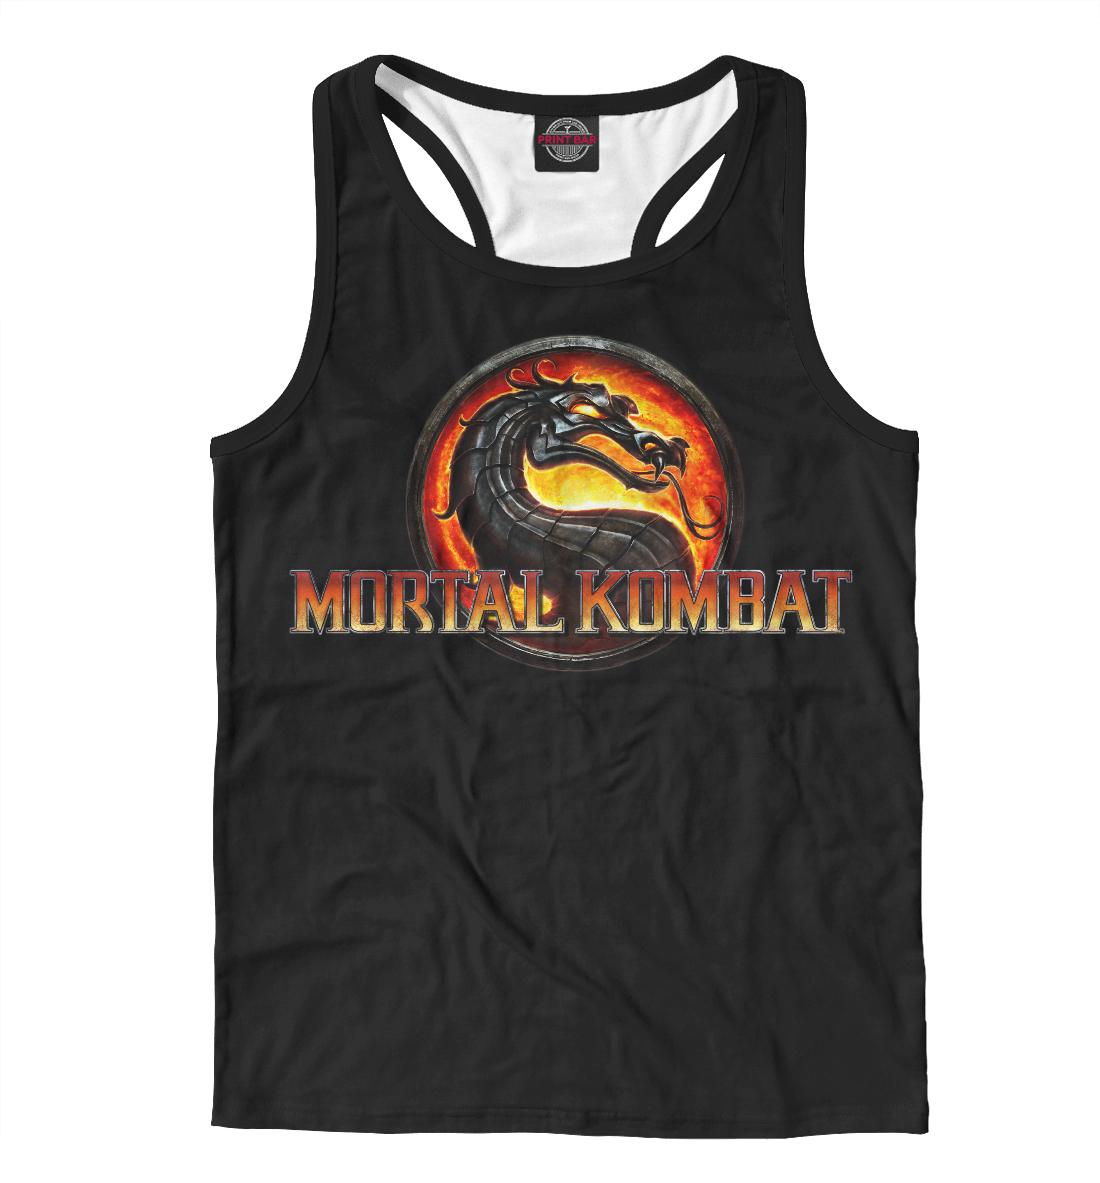 Купить Mortal Kombat, Printbar, Майки борцовки, MKB-178210-mayb-2